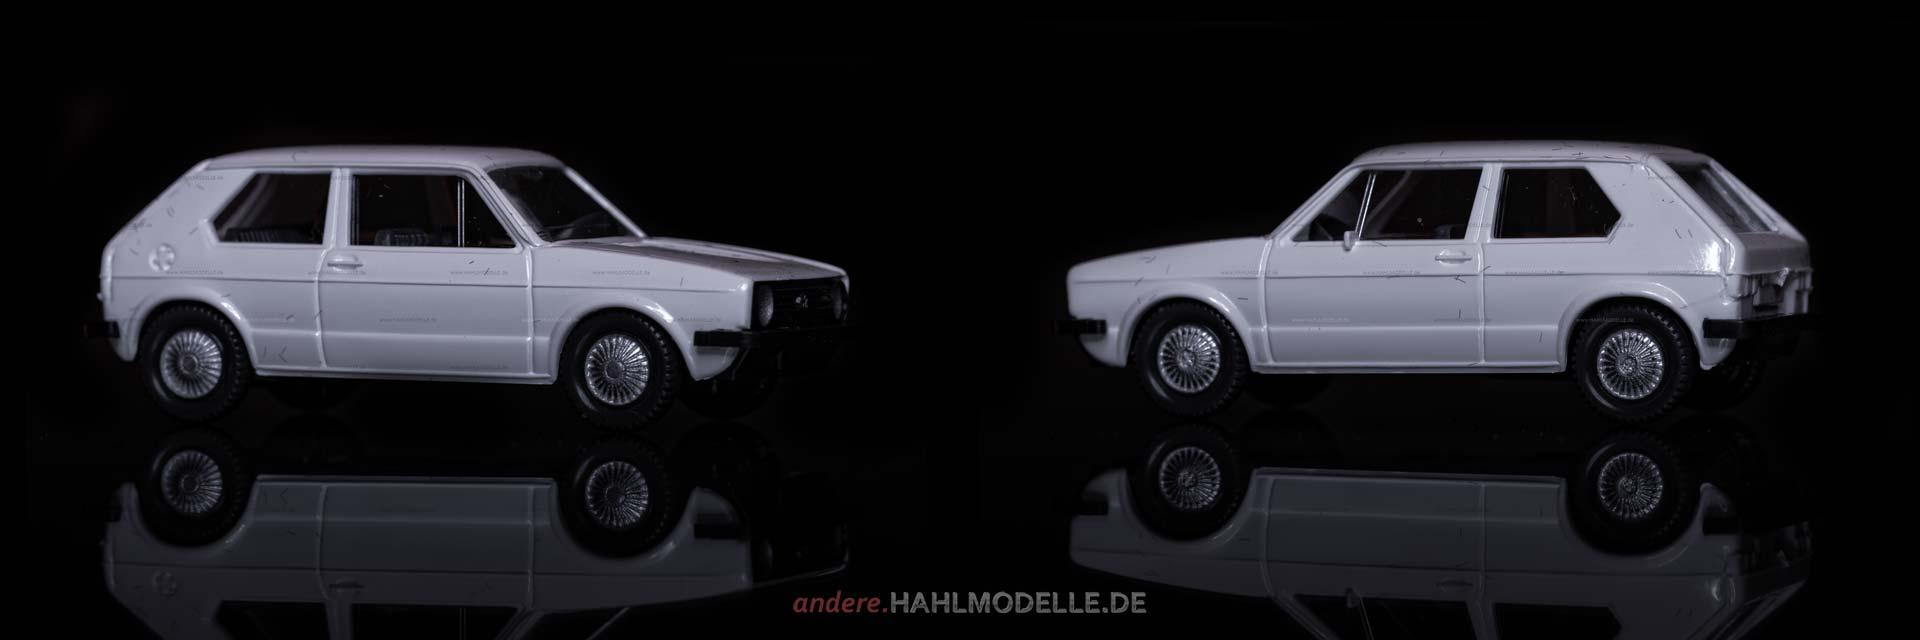 Volkswagen Golf I | Limousine (Typ 17) | Wiking | 1:87 | www.andere.hahlmodelle.de